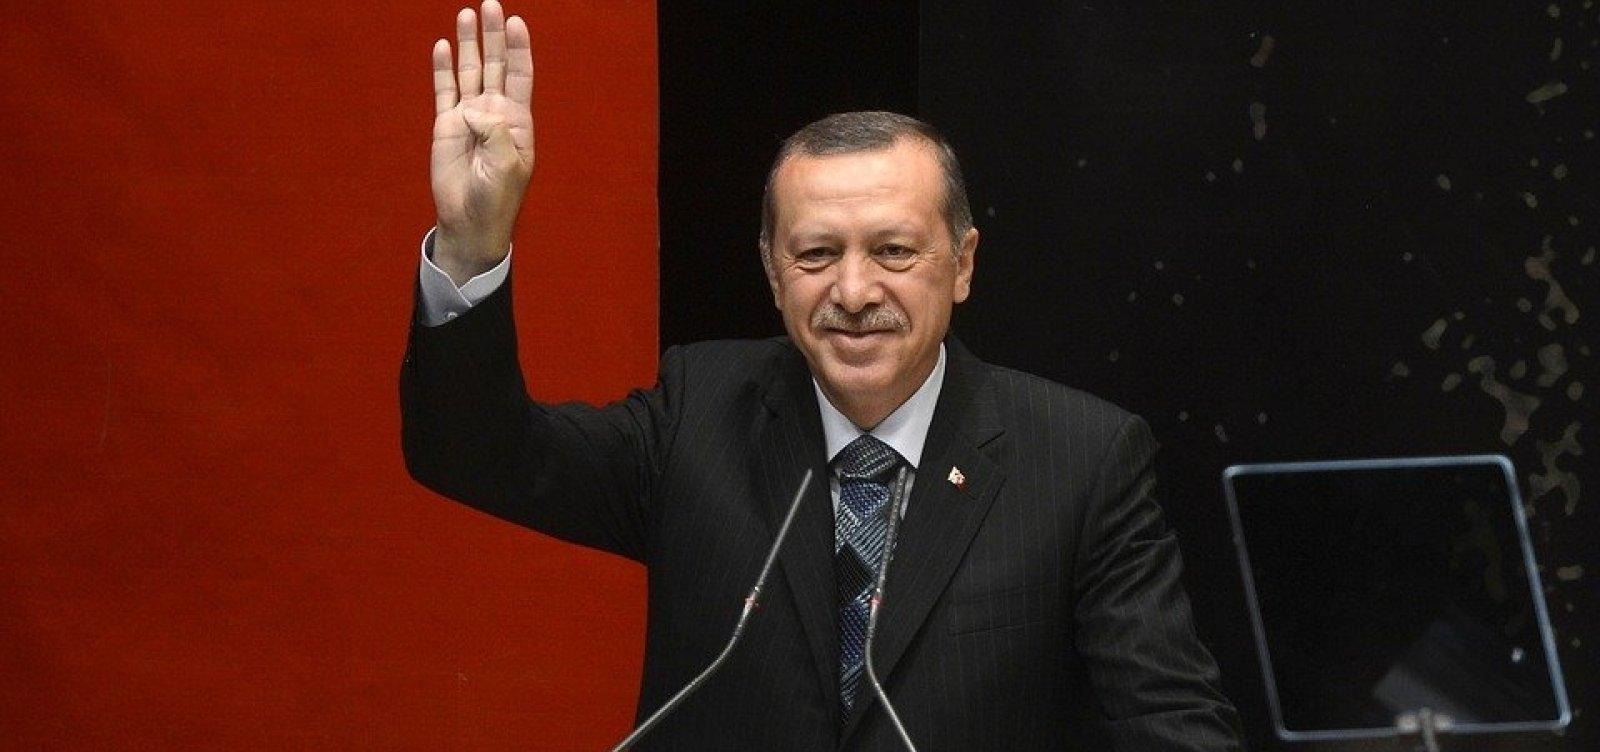 [Corte anula eleição em Istambul após derrota do partido do presidente]